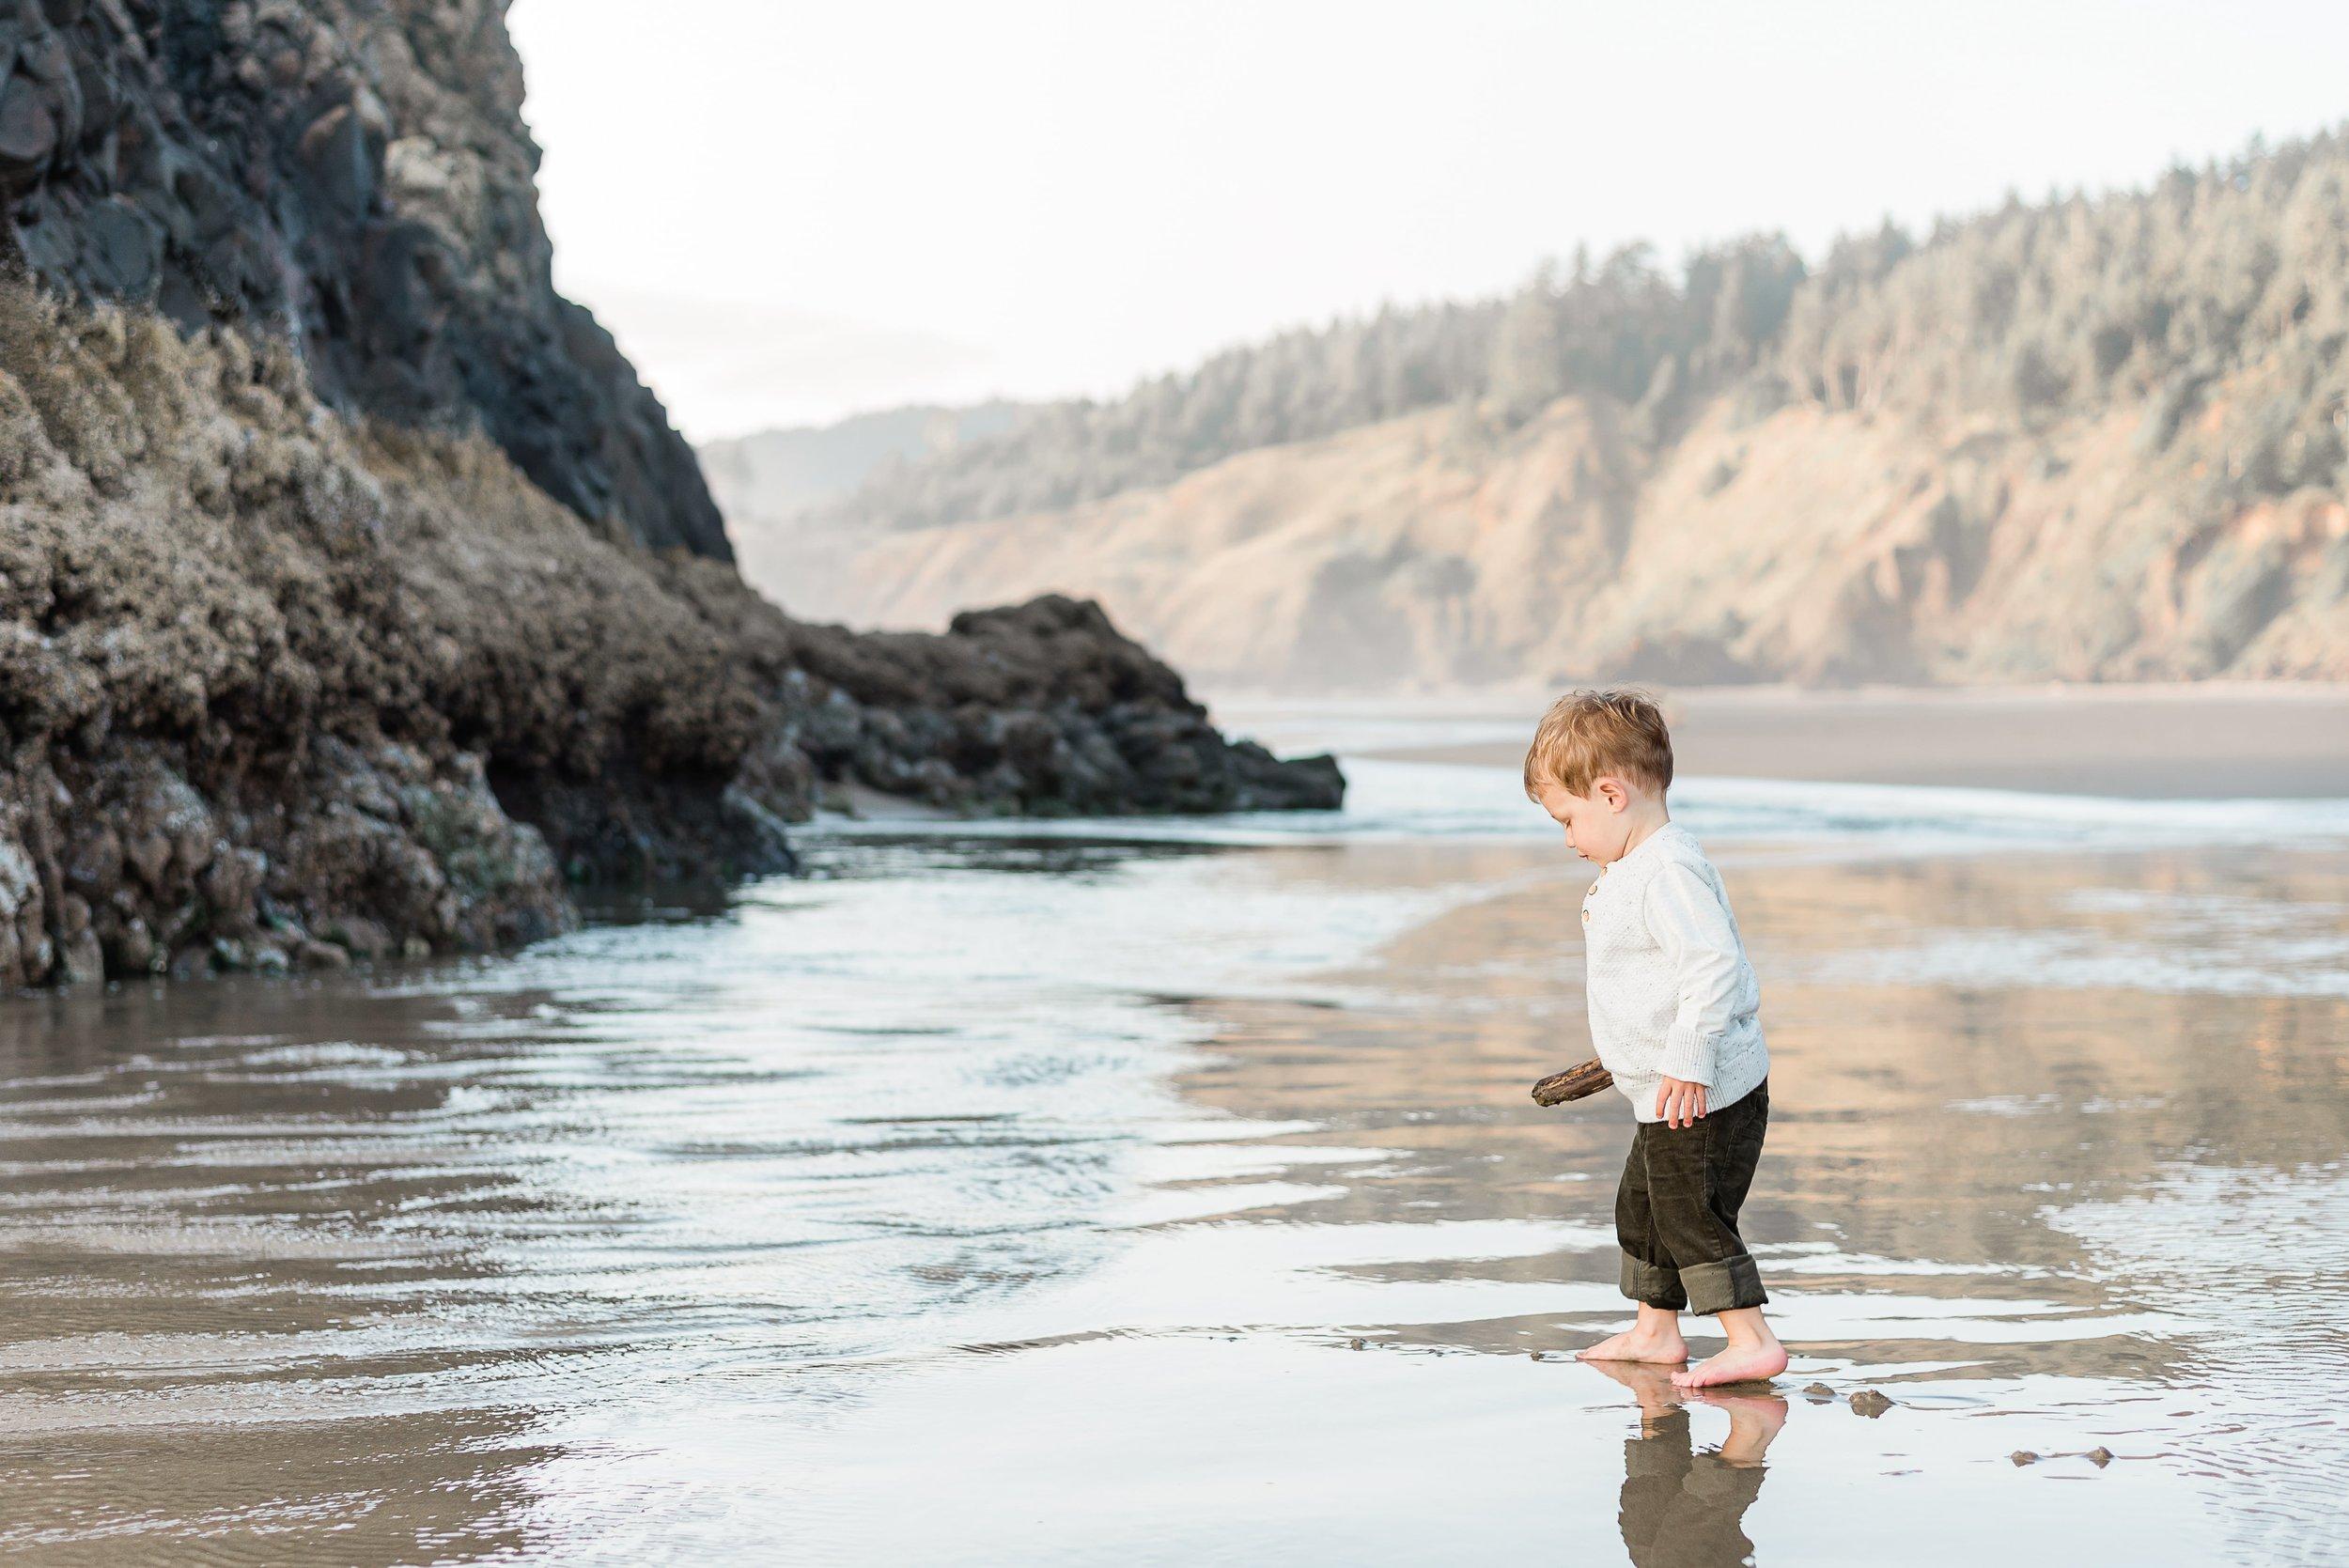 Cannon Beach Family Photos | The Meadows Family , Cannon Beach Photographer, Pacific Northwest Family Vacation, Cannon Beach Family Photographers, Oregon Coast